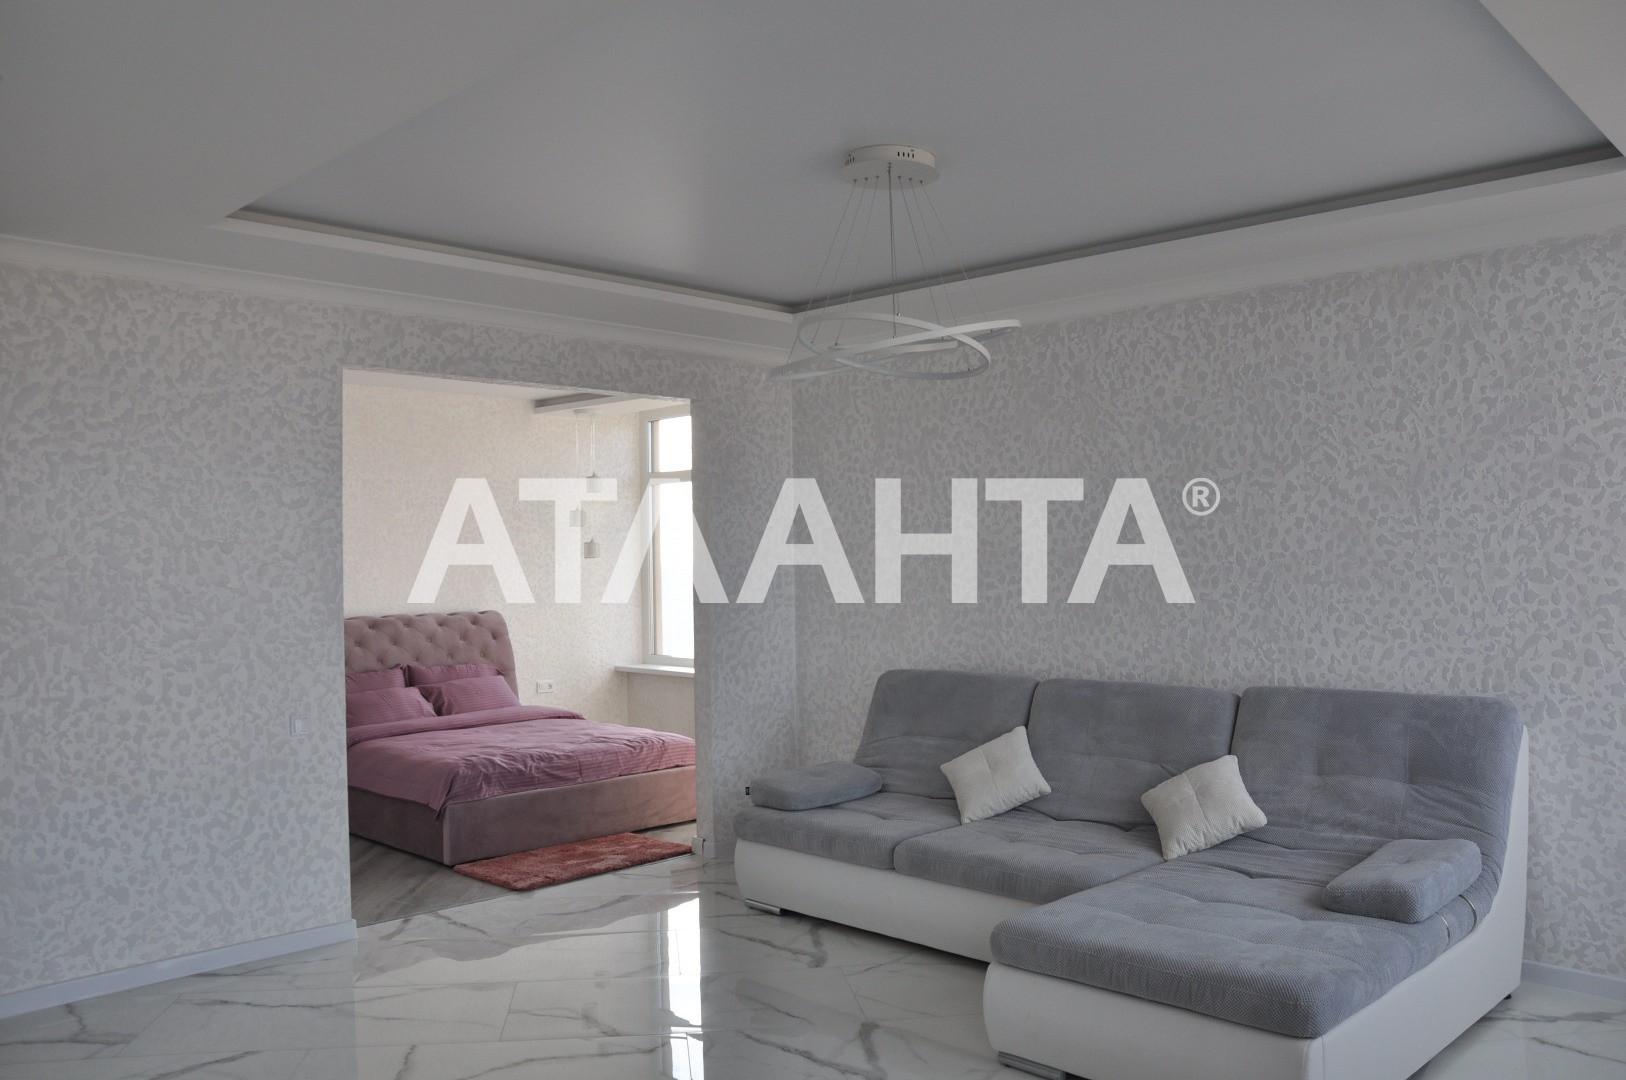 Продается 2-комнатная Квартира на ул. Каманина — 110 000 у.е. (фото №2)